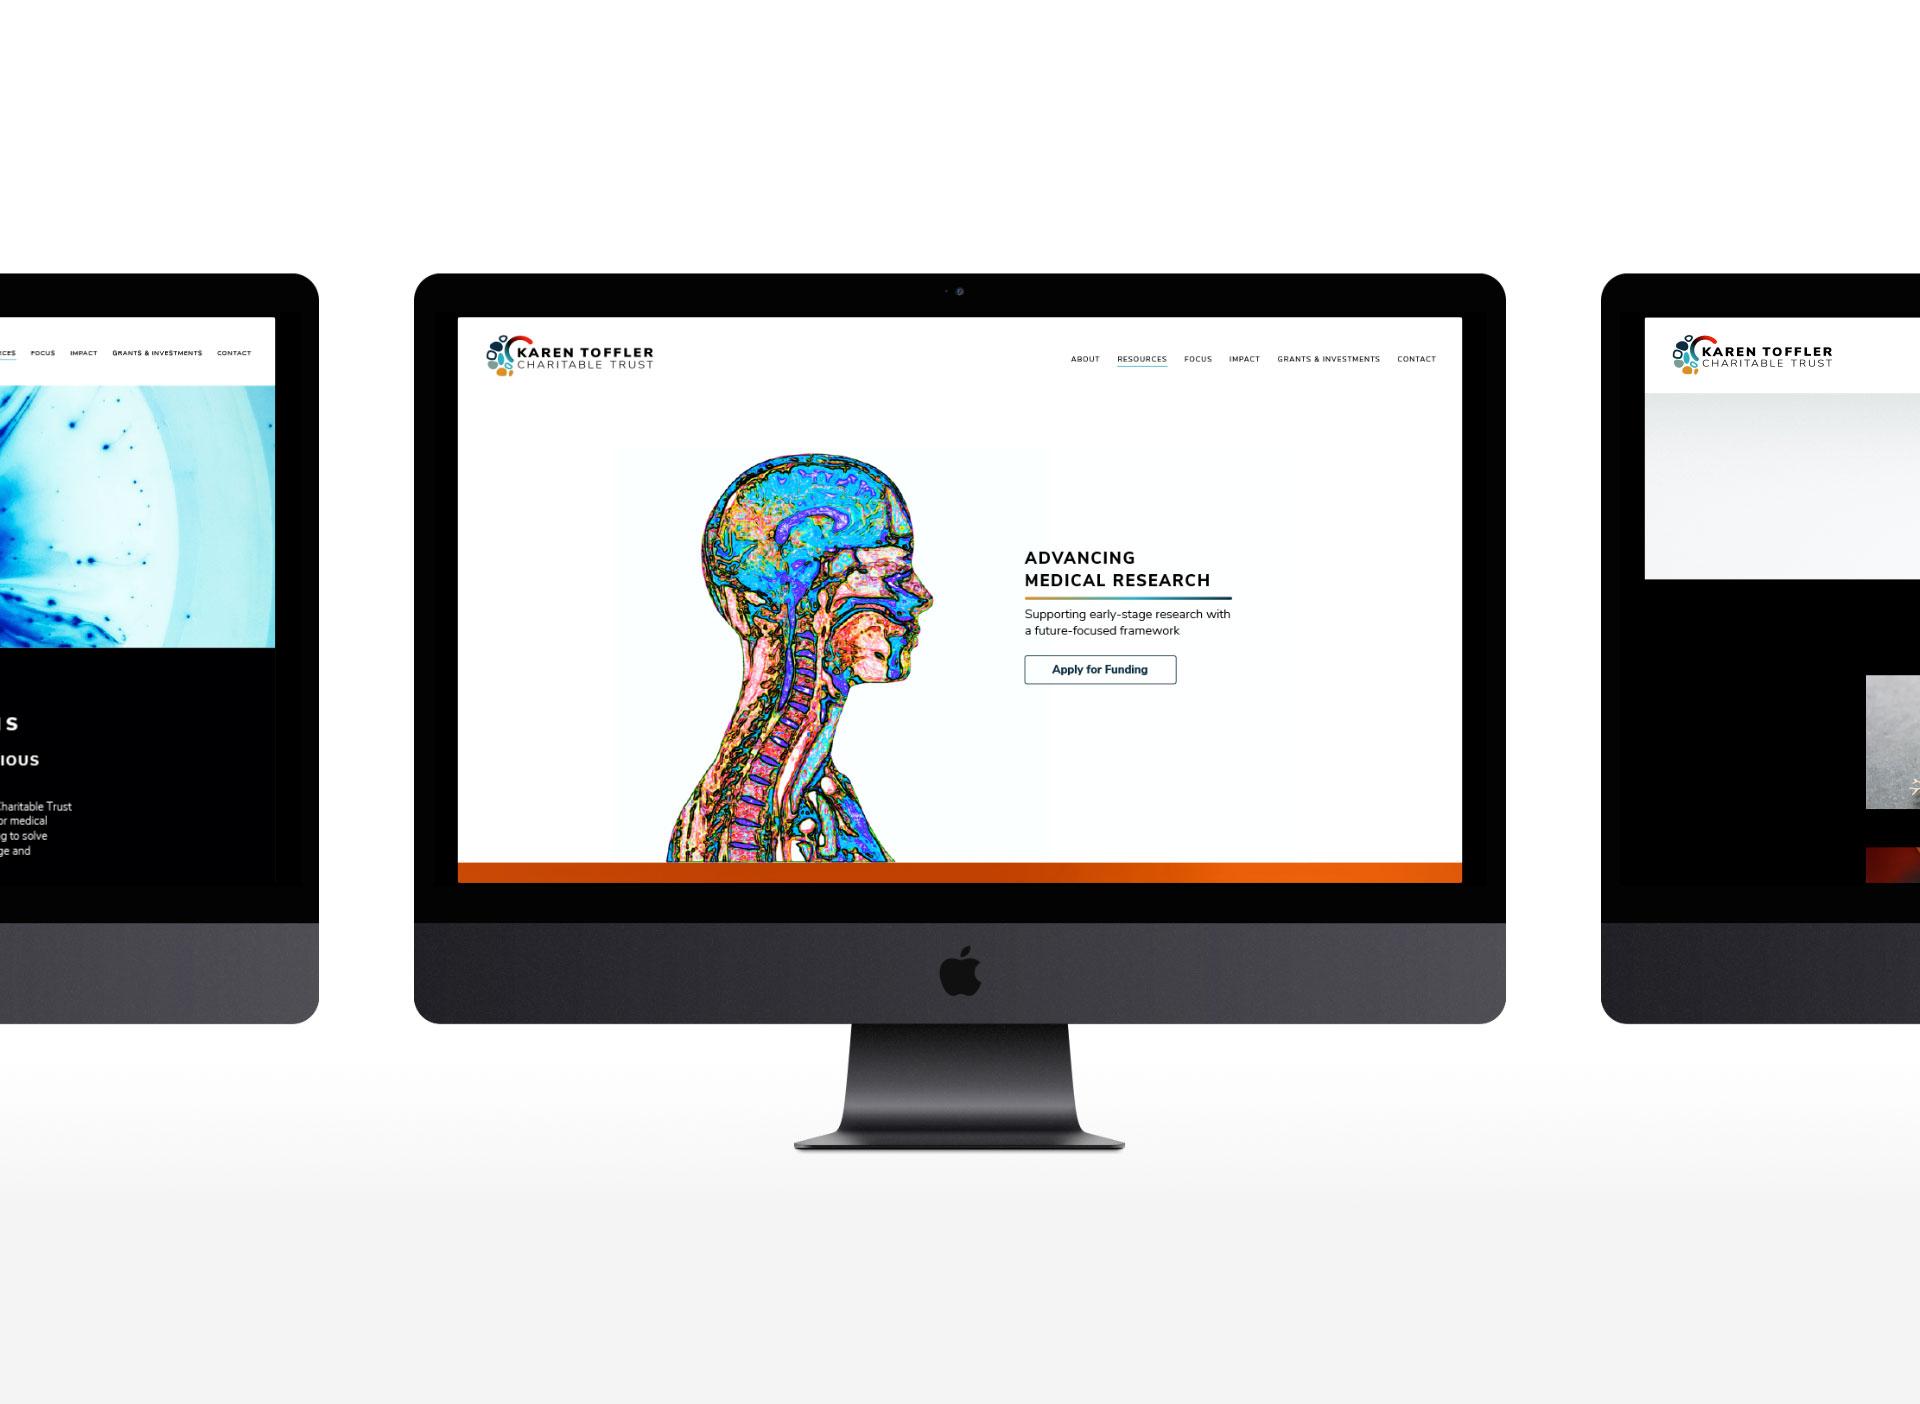 Desktop computers showing pages from the Karen Toffler website.